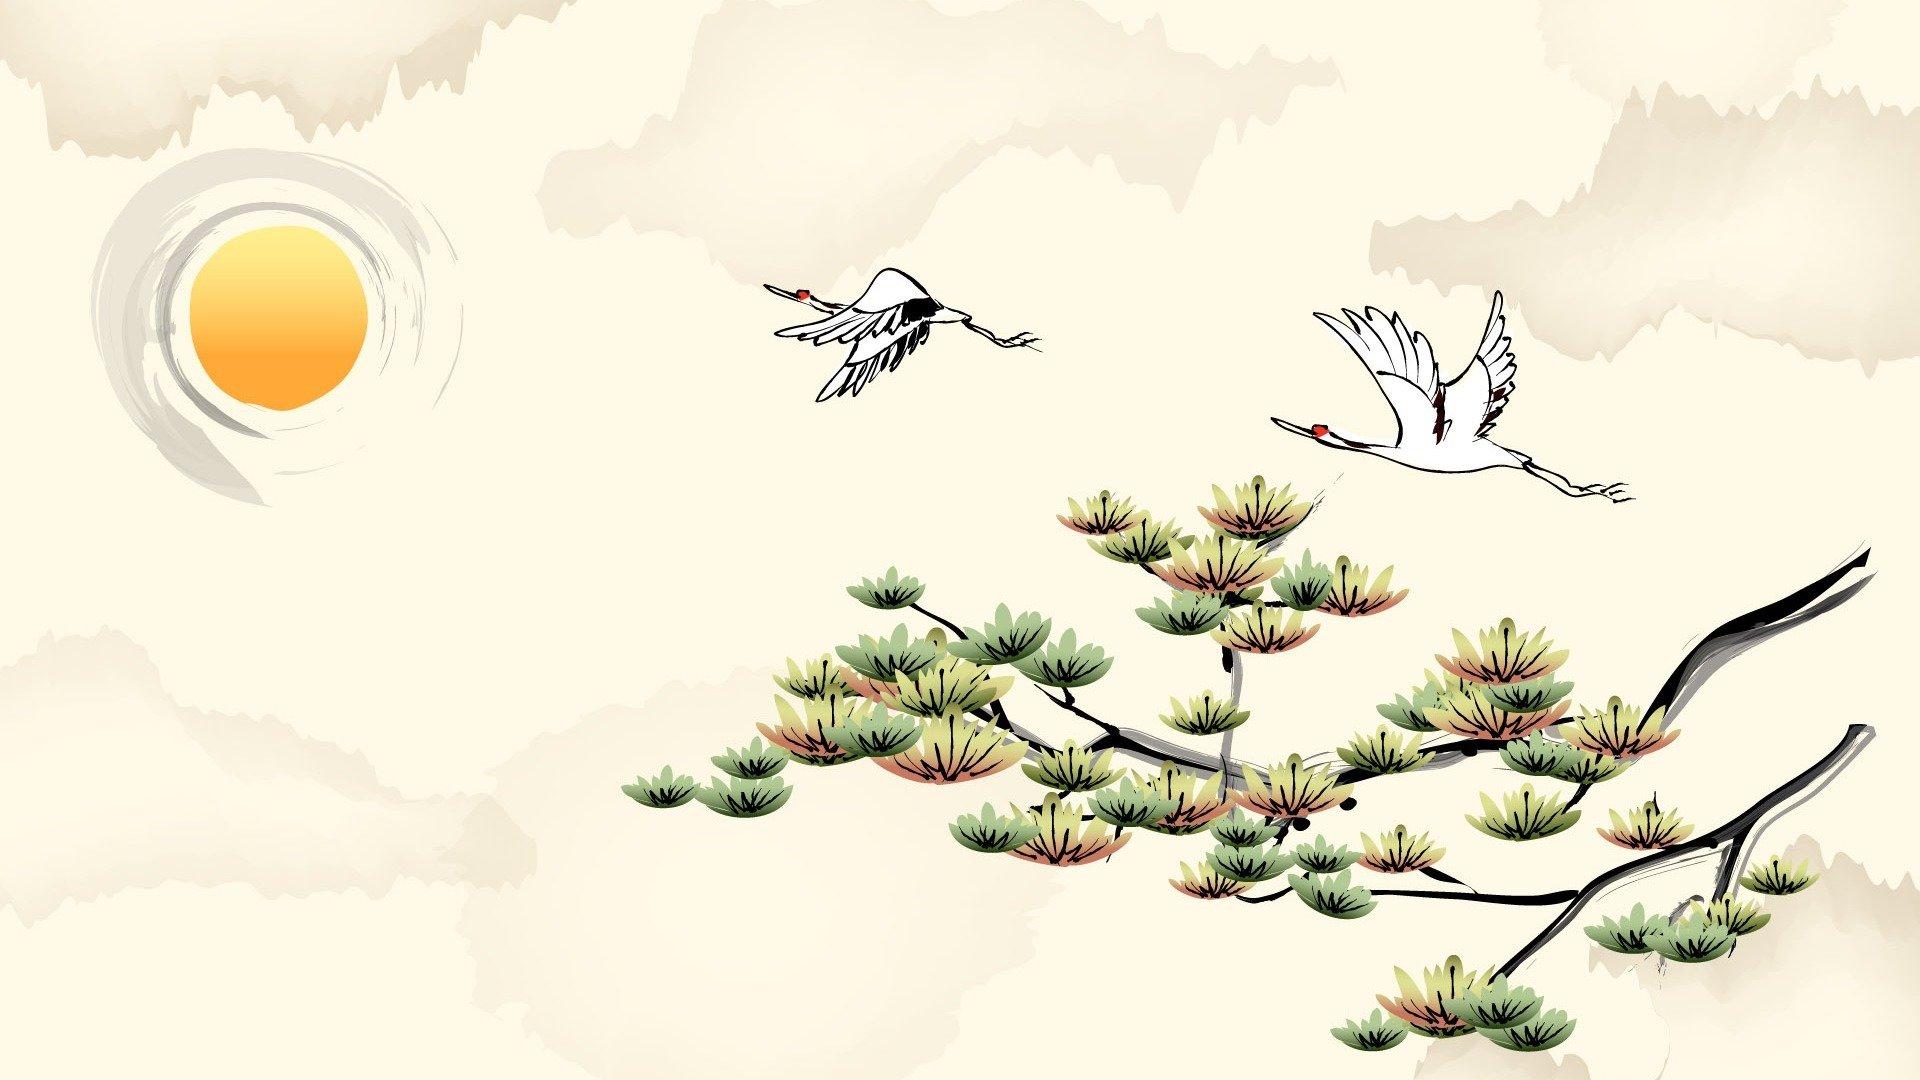 清新唯美中国风绘画桌面壁纸